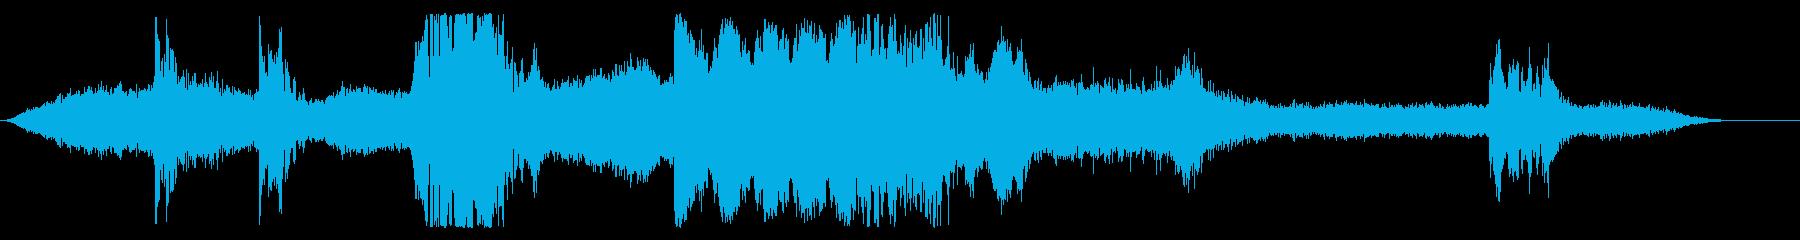 乾燥トンネルの再生済みの波形